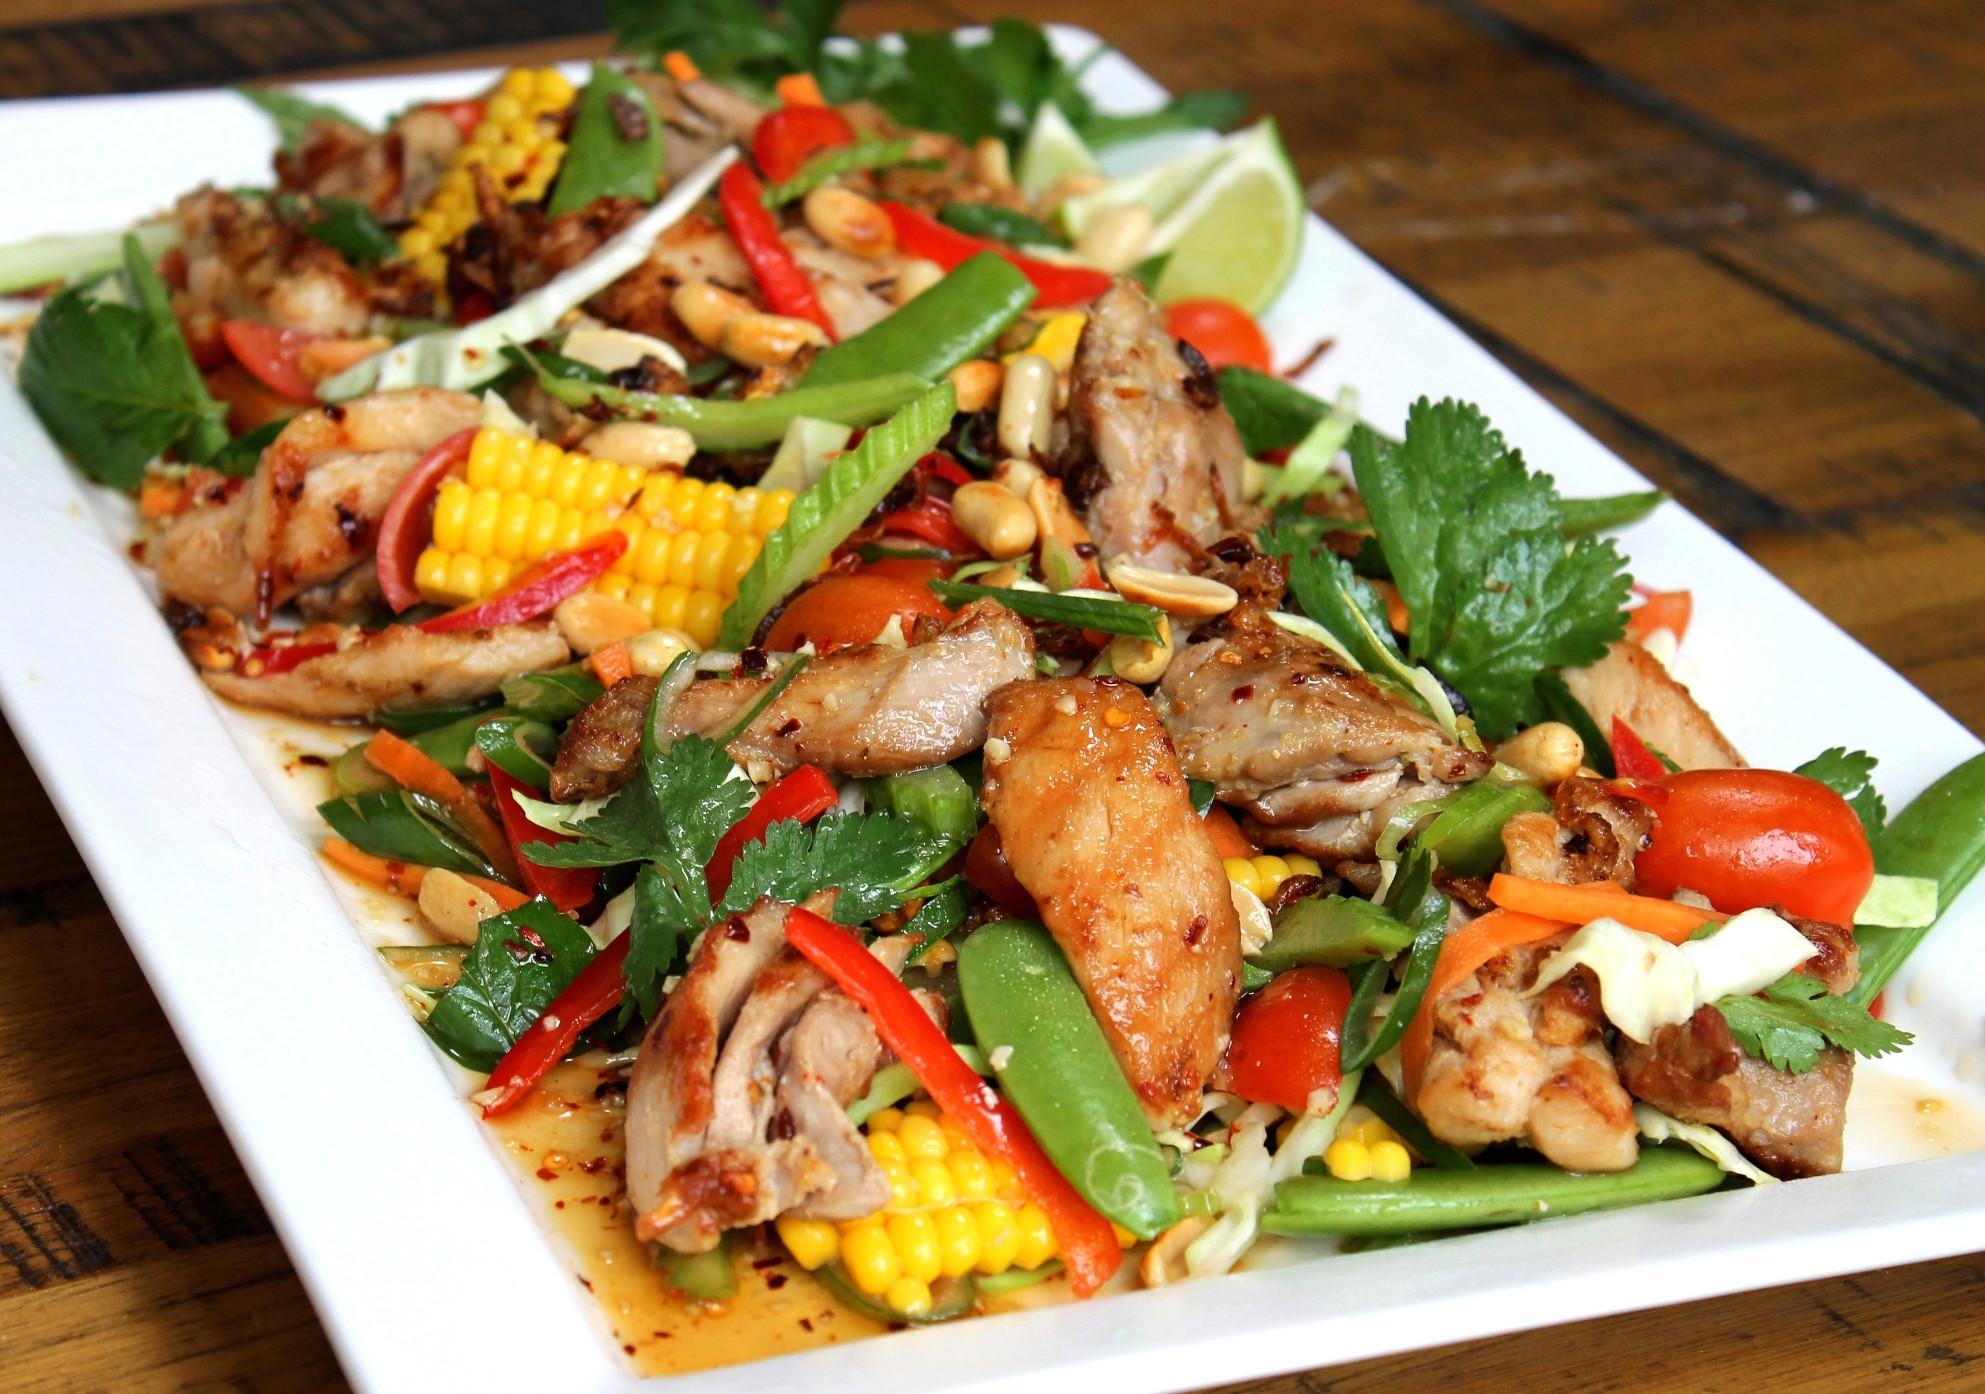 Healthy Chicken Salad Recipe  arsenal scotland Healthy Chicken Salad Recipe Salad